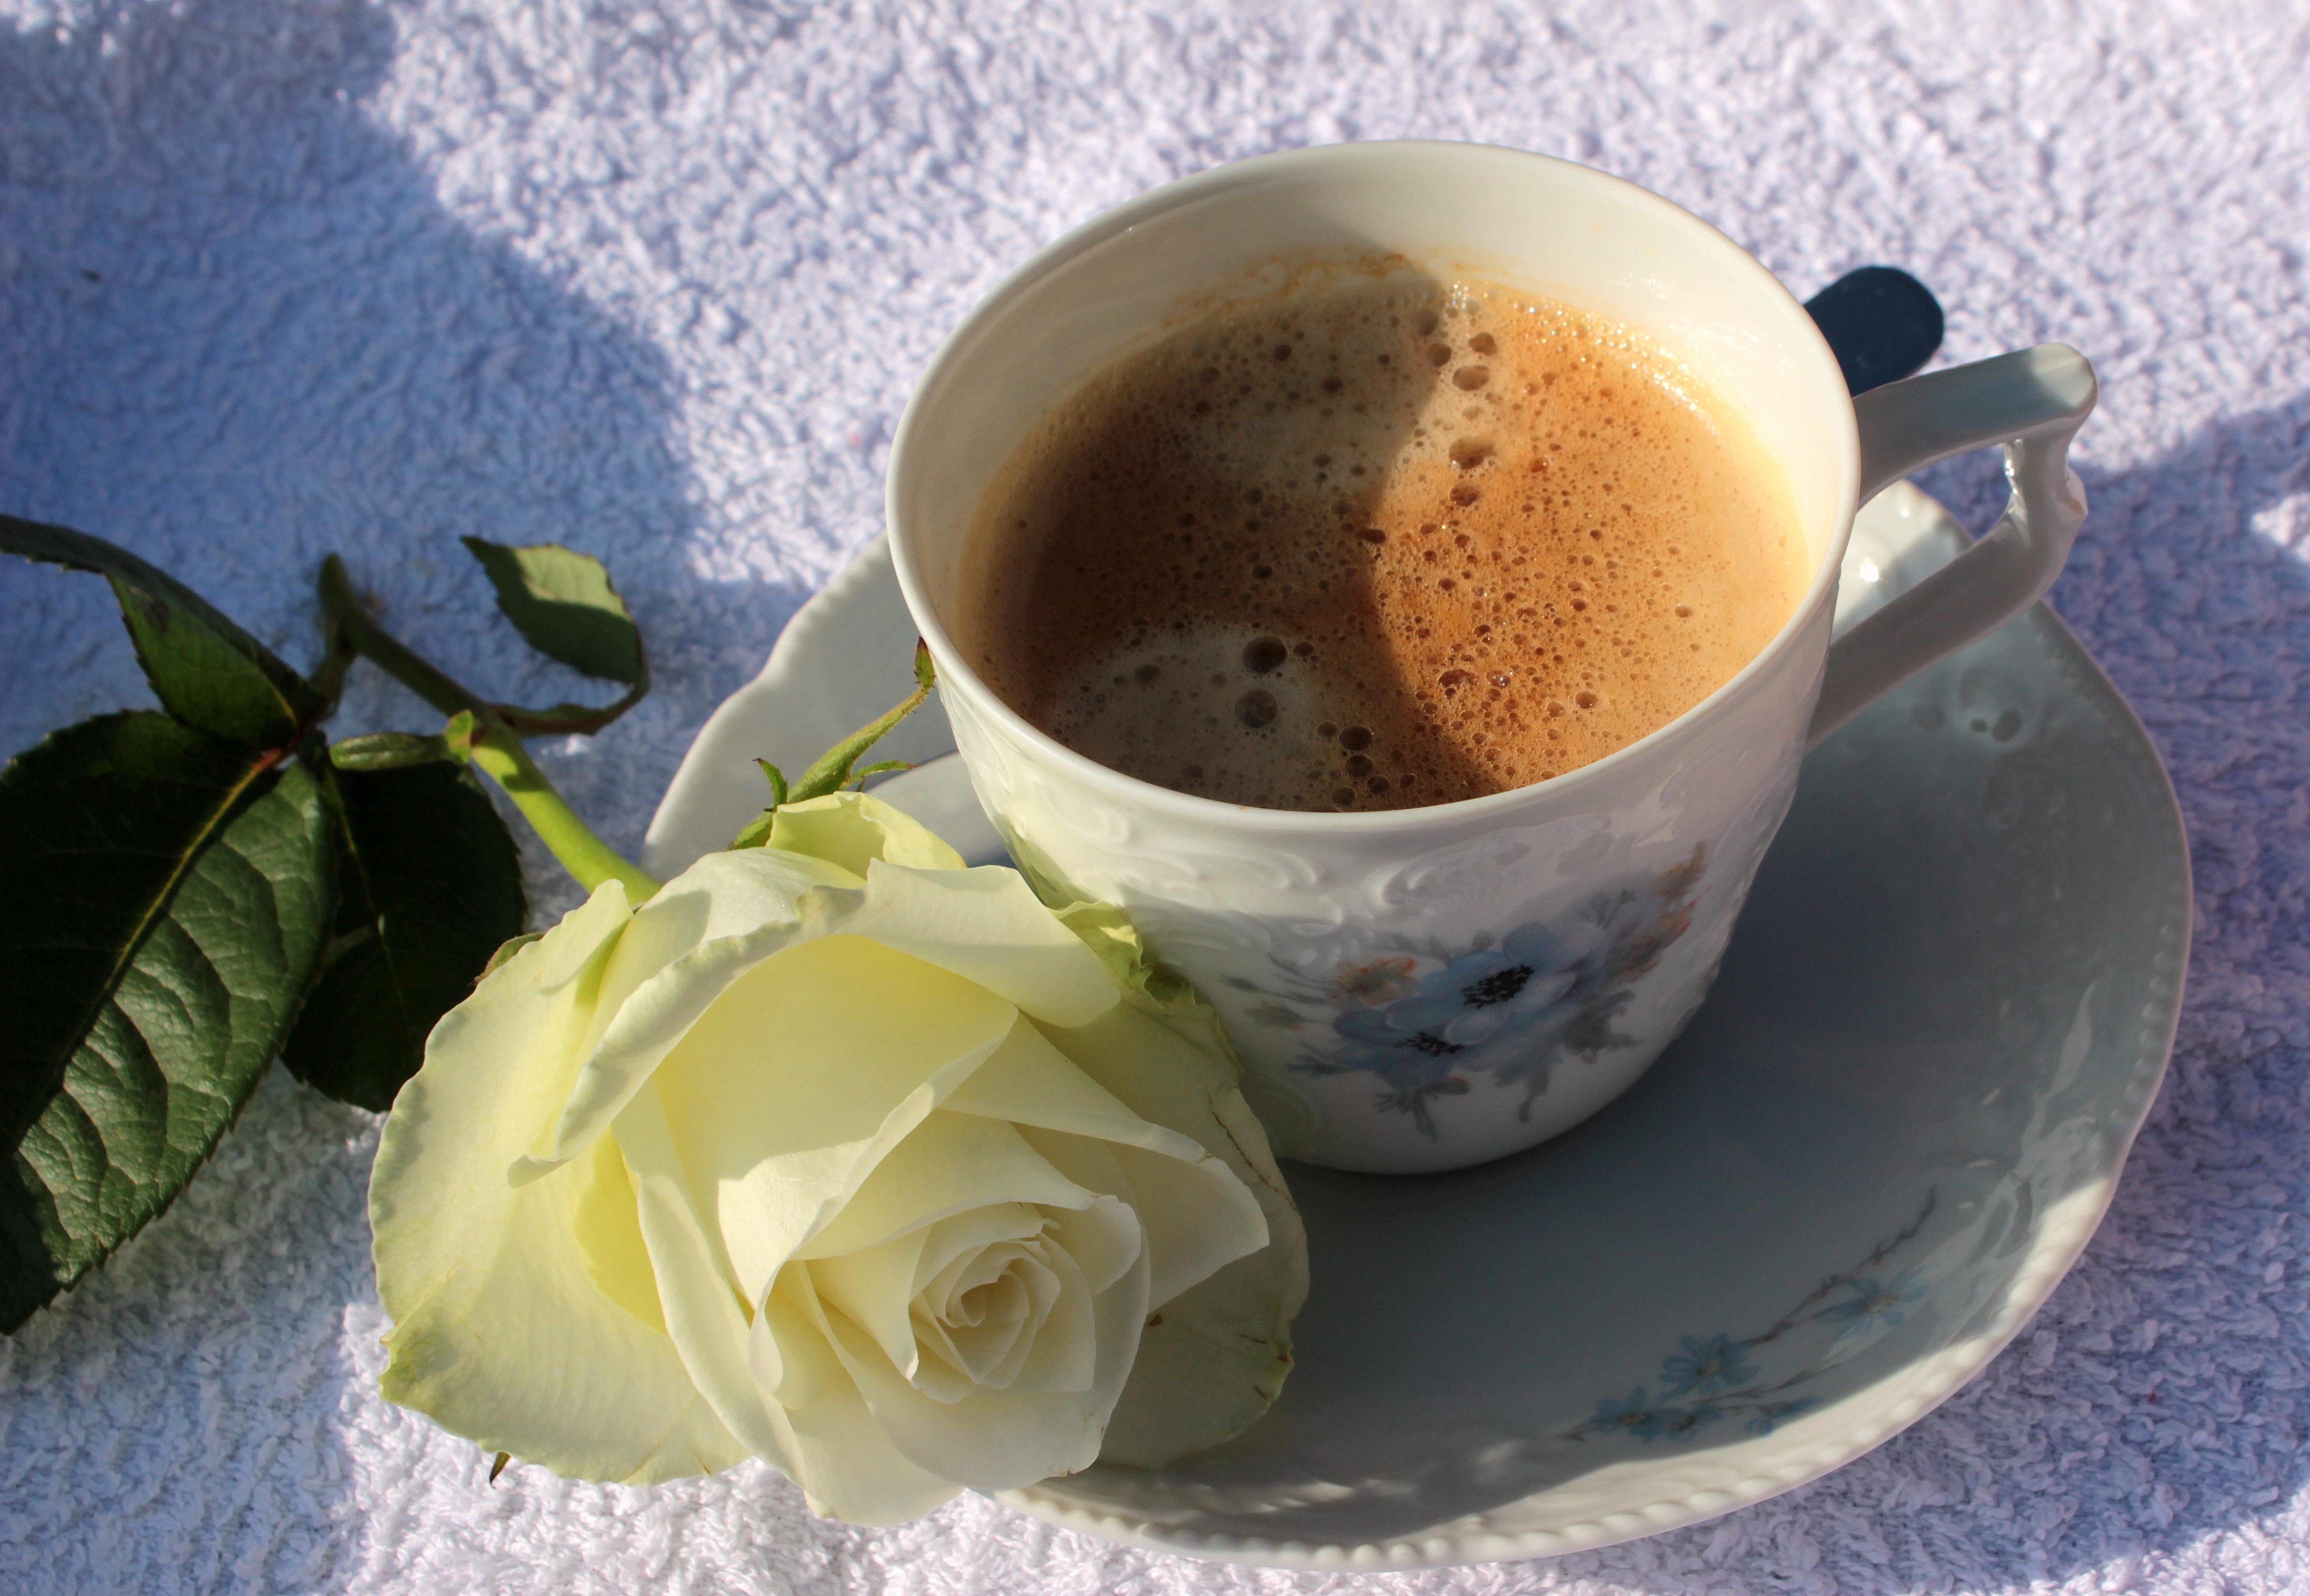 Free Images Outdoor Sunshine Tea Flower Food Saucer Drink